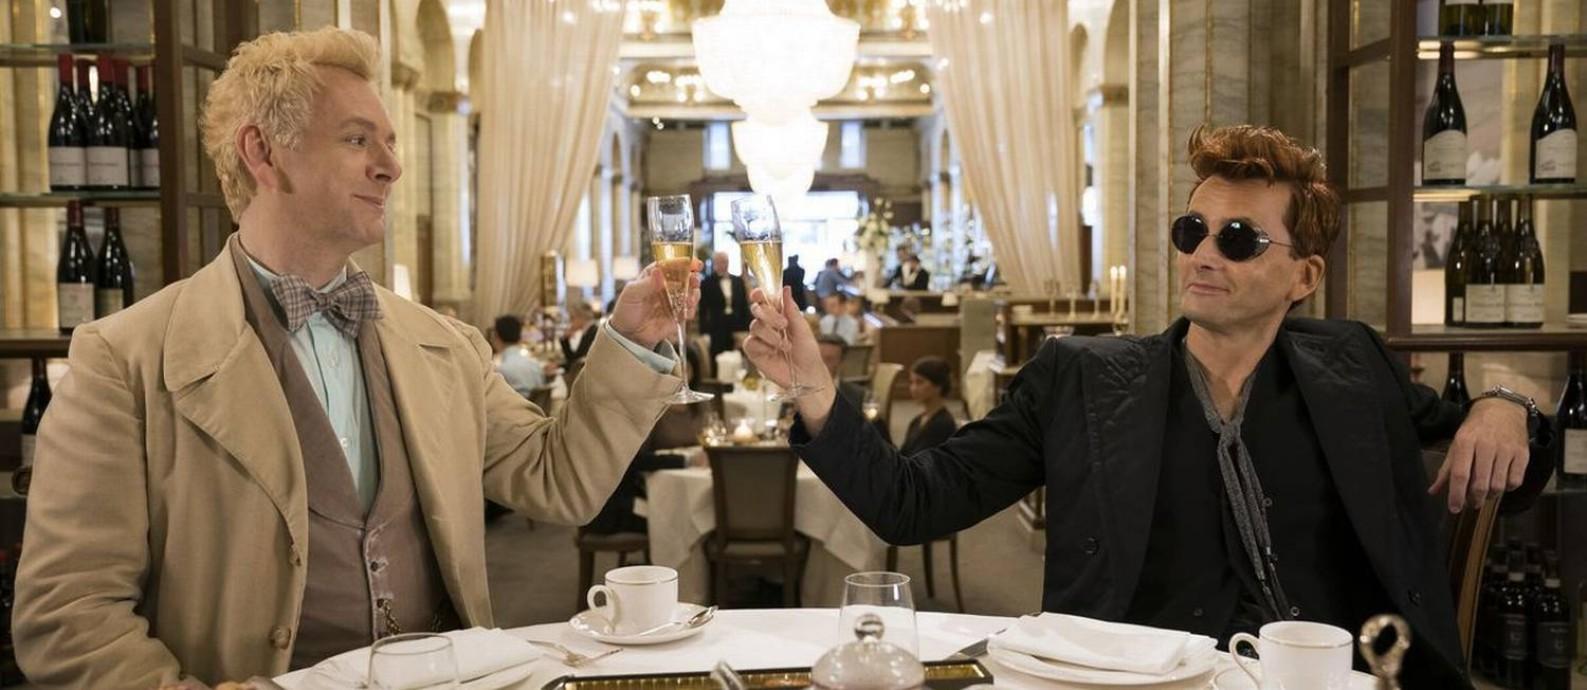 Michael Sheen e David Tennant em 'Good omens' Foto: Divulgação